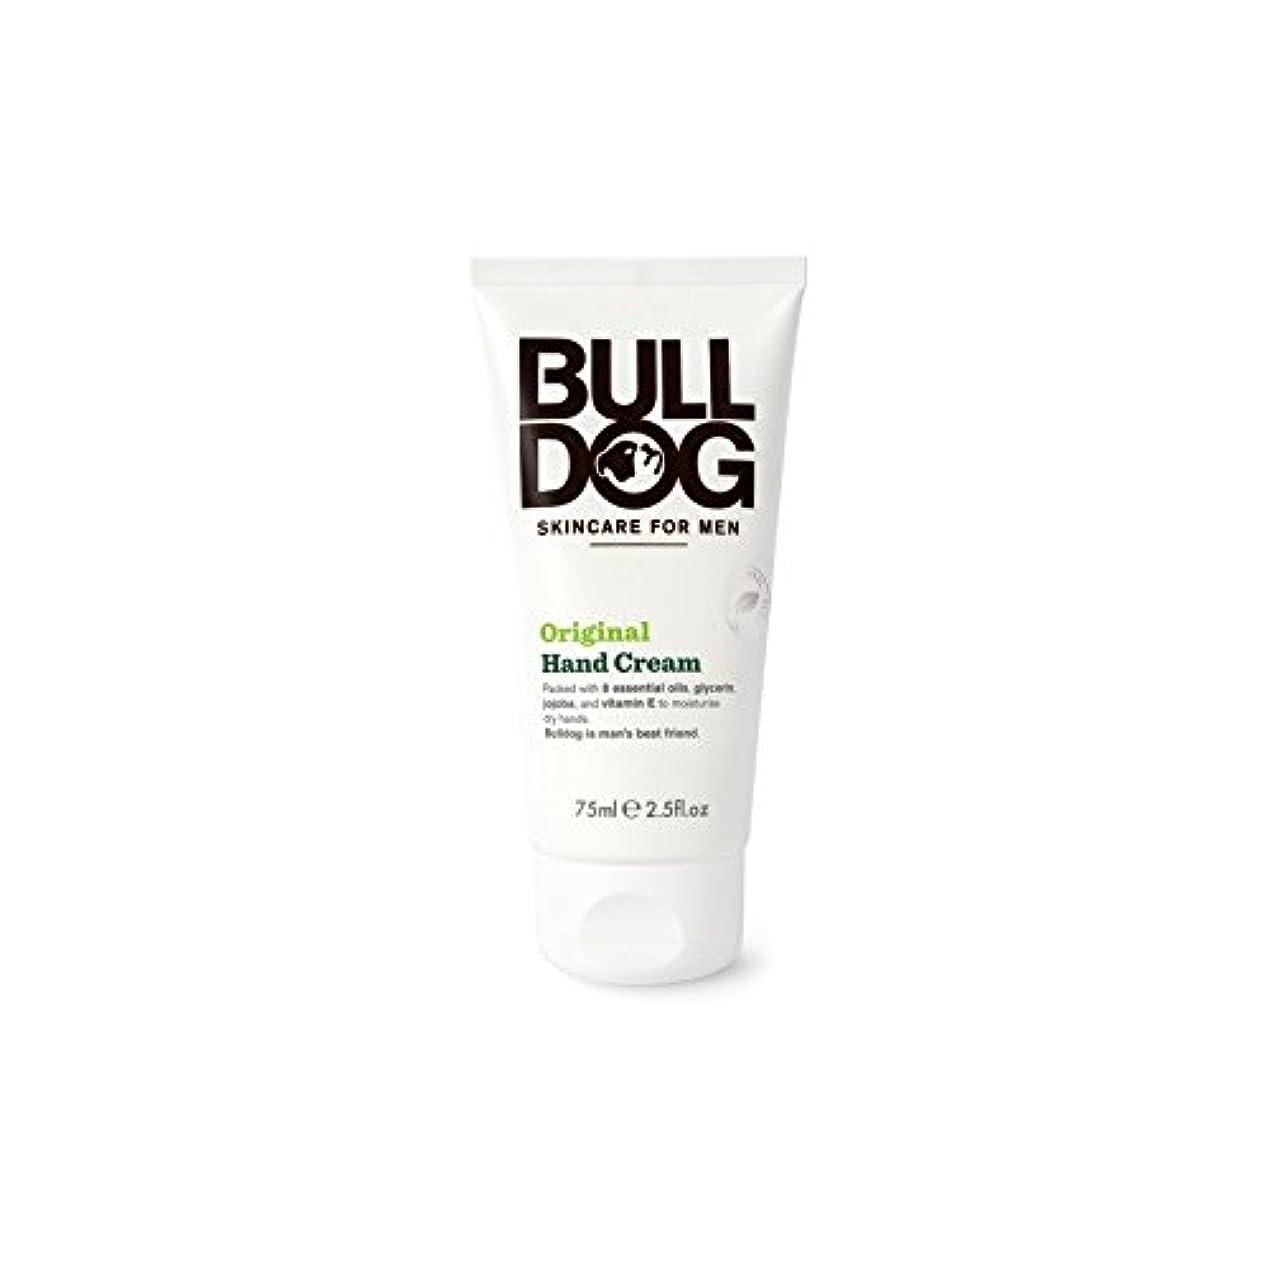 死にかけているどうしたの昆虫Bulldog Original Hand Cream 75ml - ブルドッグオリジナルのハンドクリーム75ミリリットル [並行輸入品]